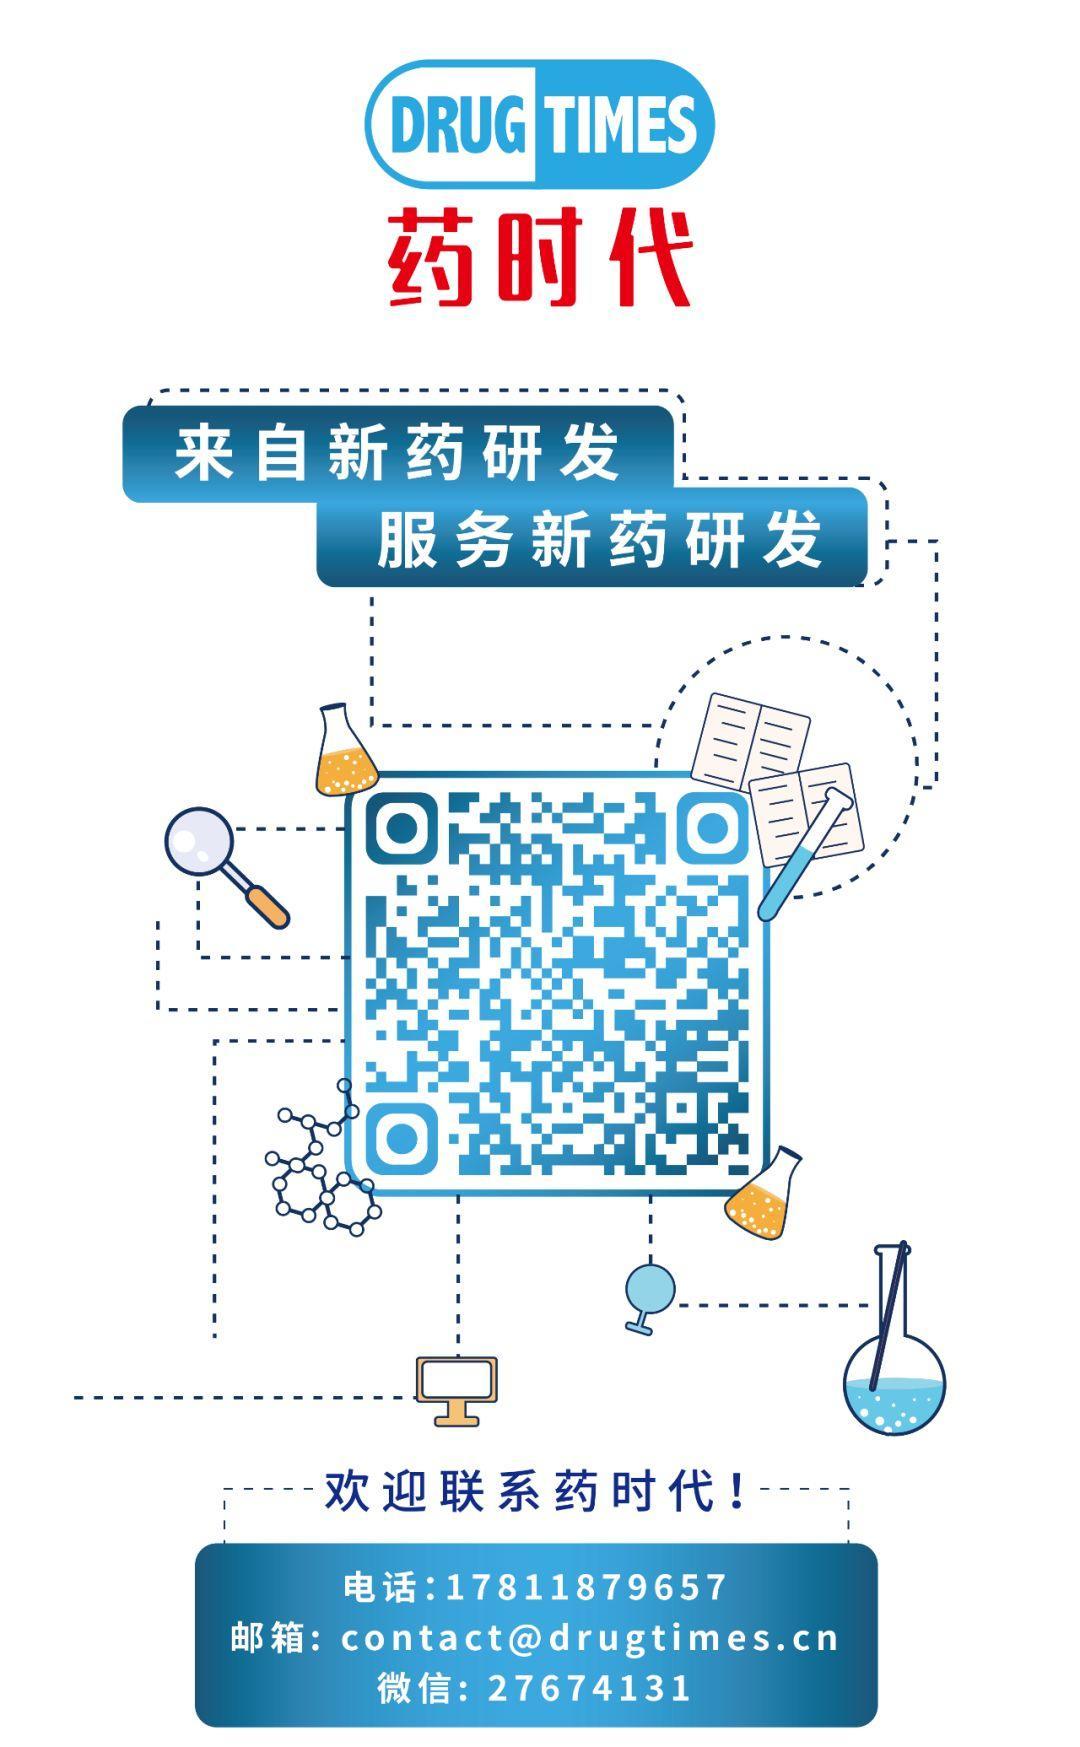 Fiona Yu | 全球20大药企战略分析